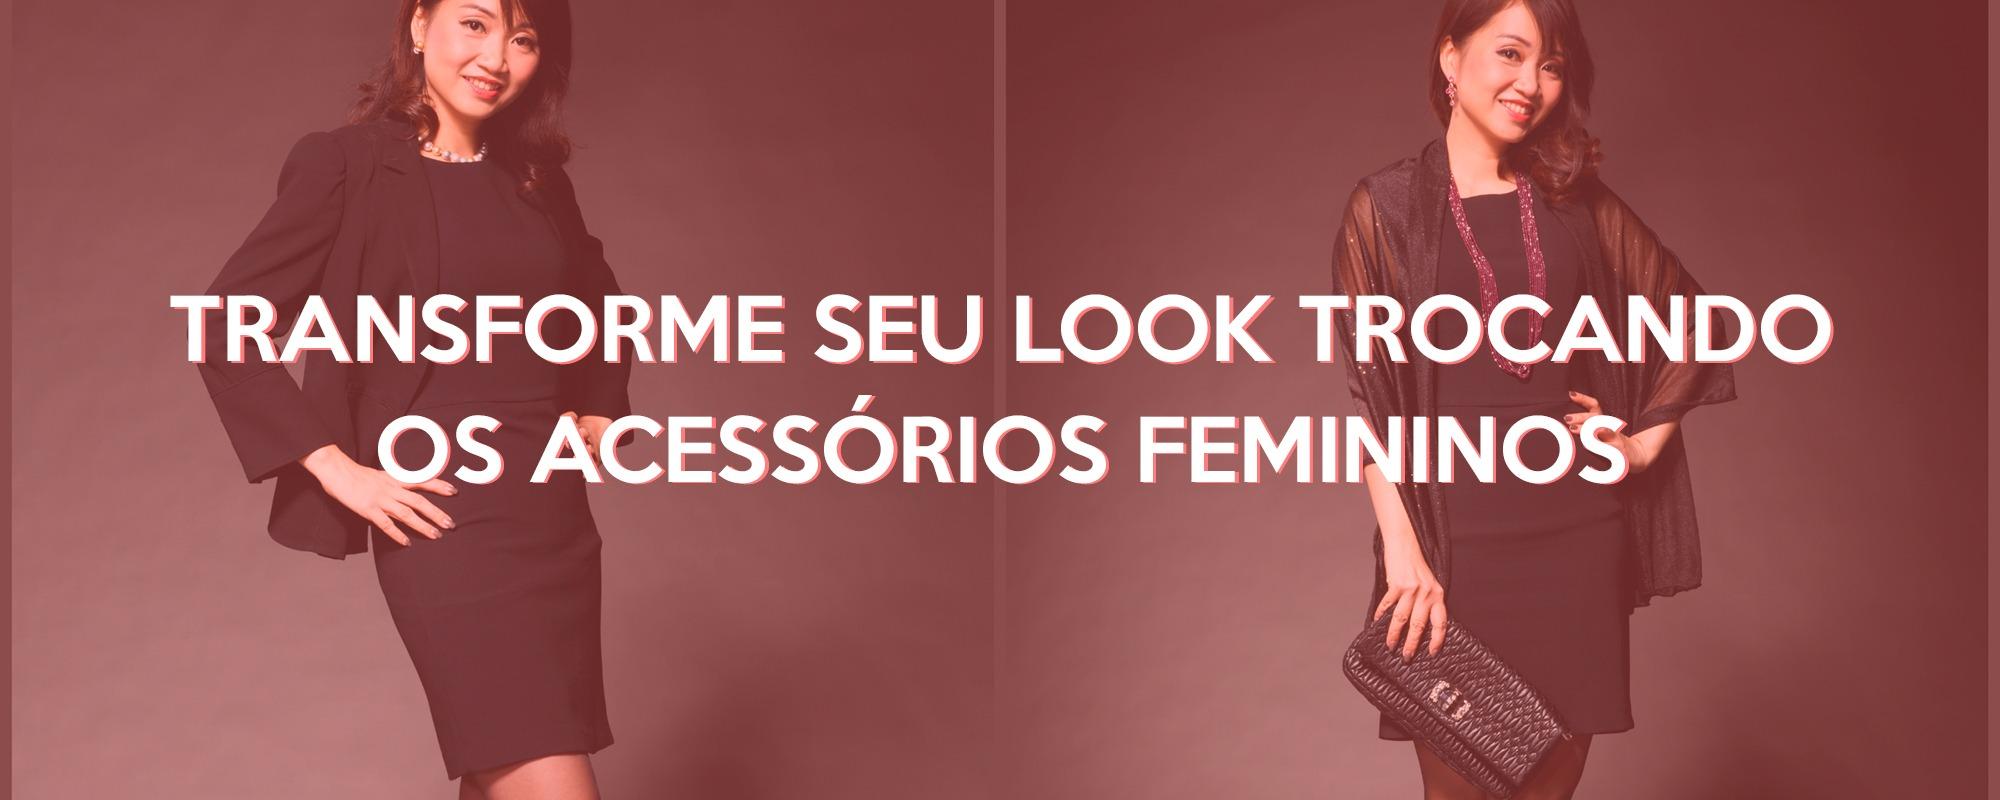 Transforme seu look trocando os acessórios femininos